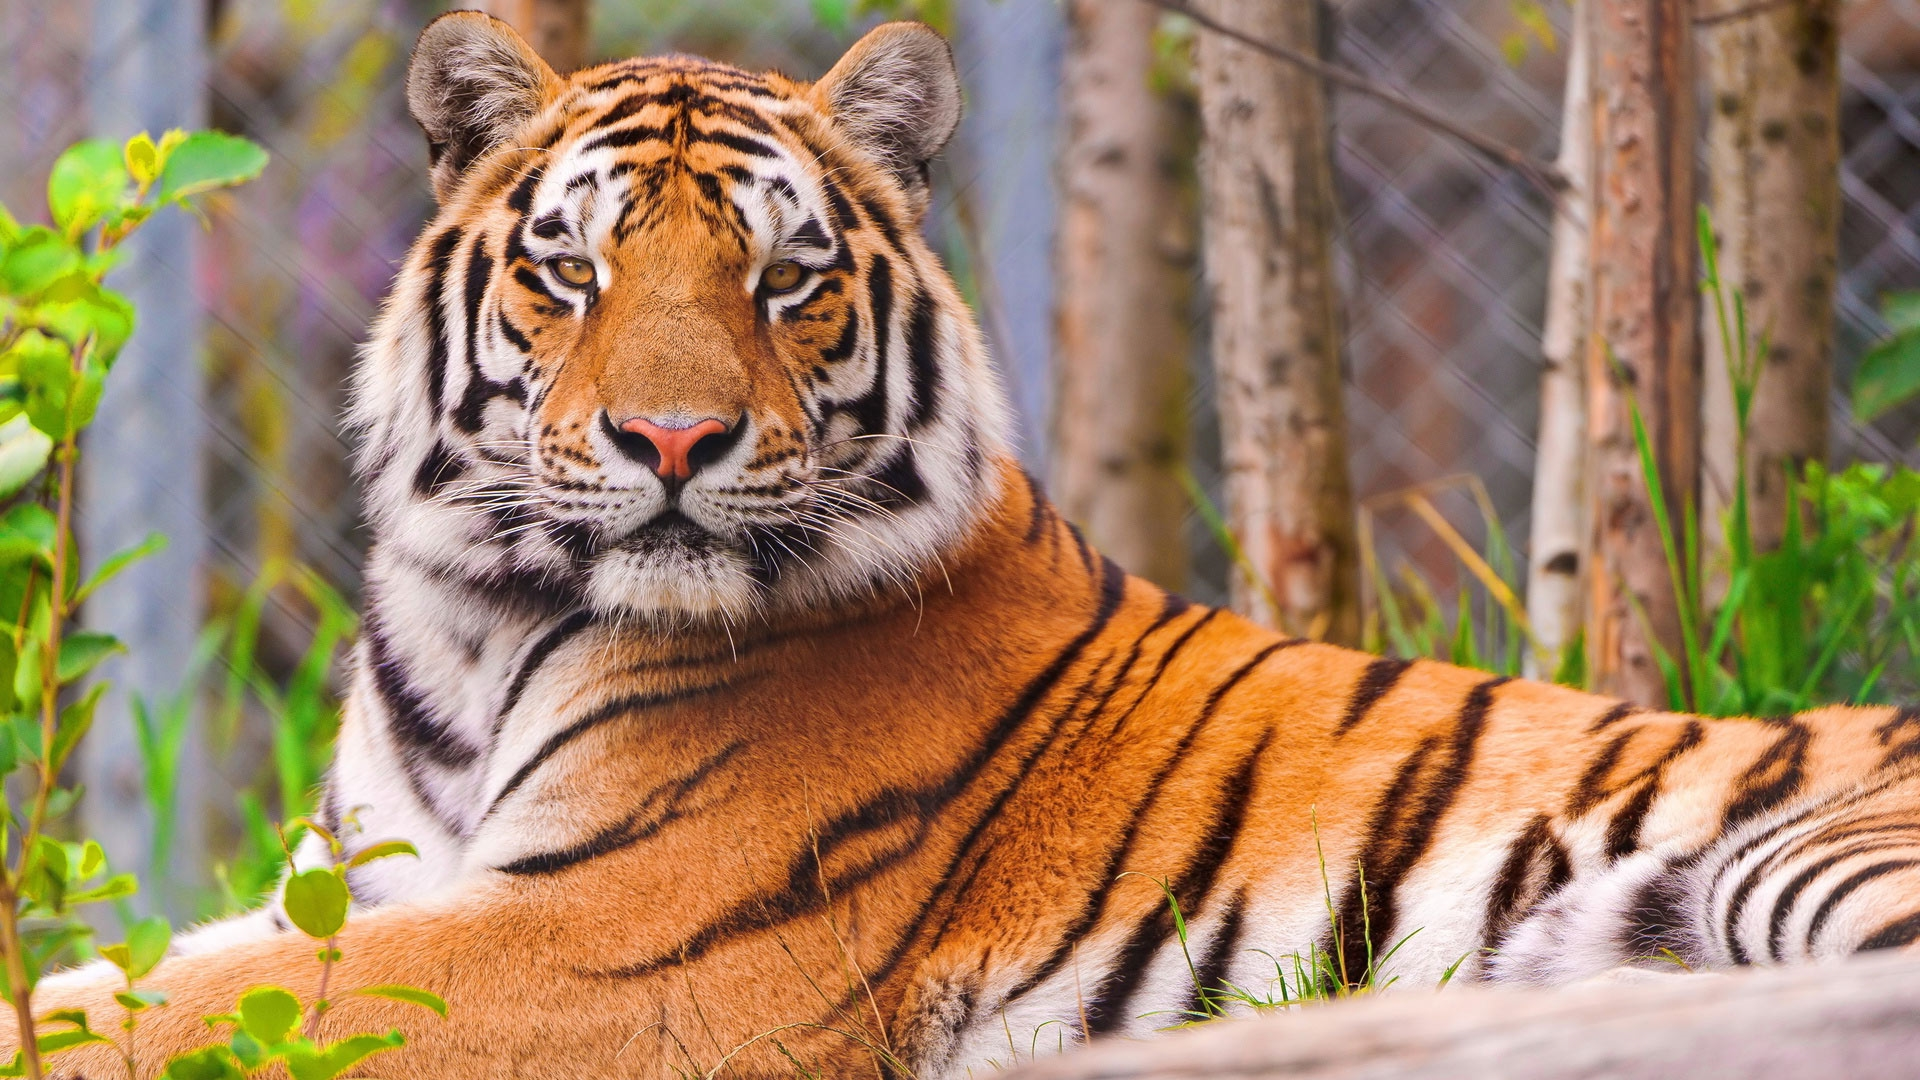 Картинка на рабочий стол тигр (12)